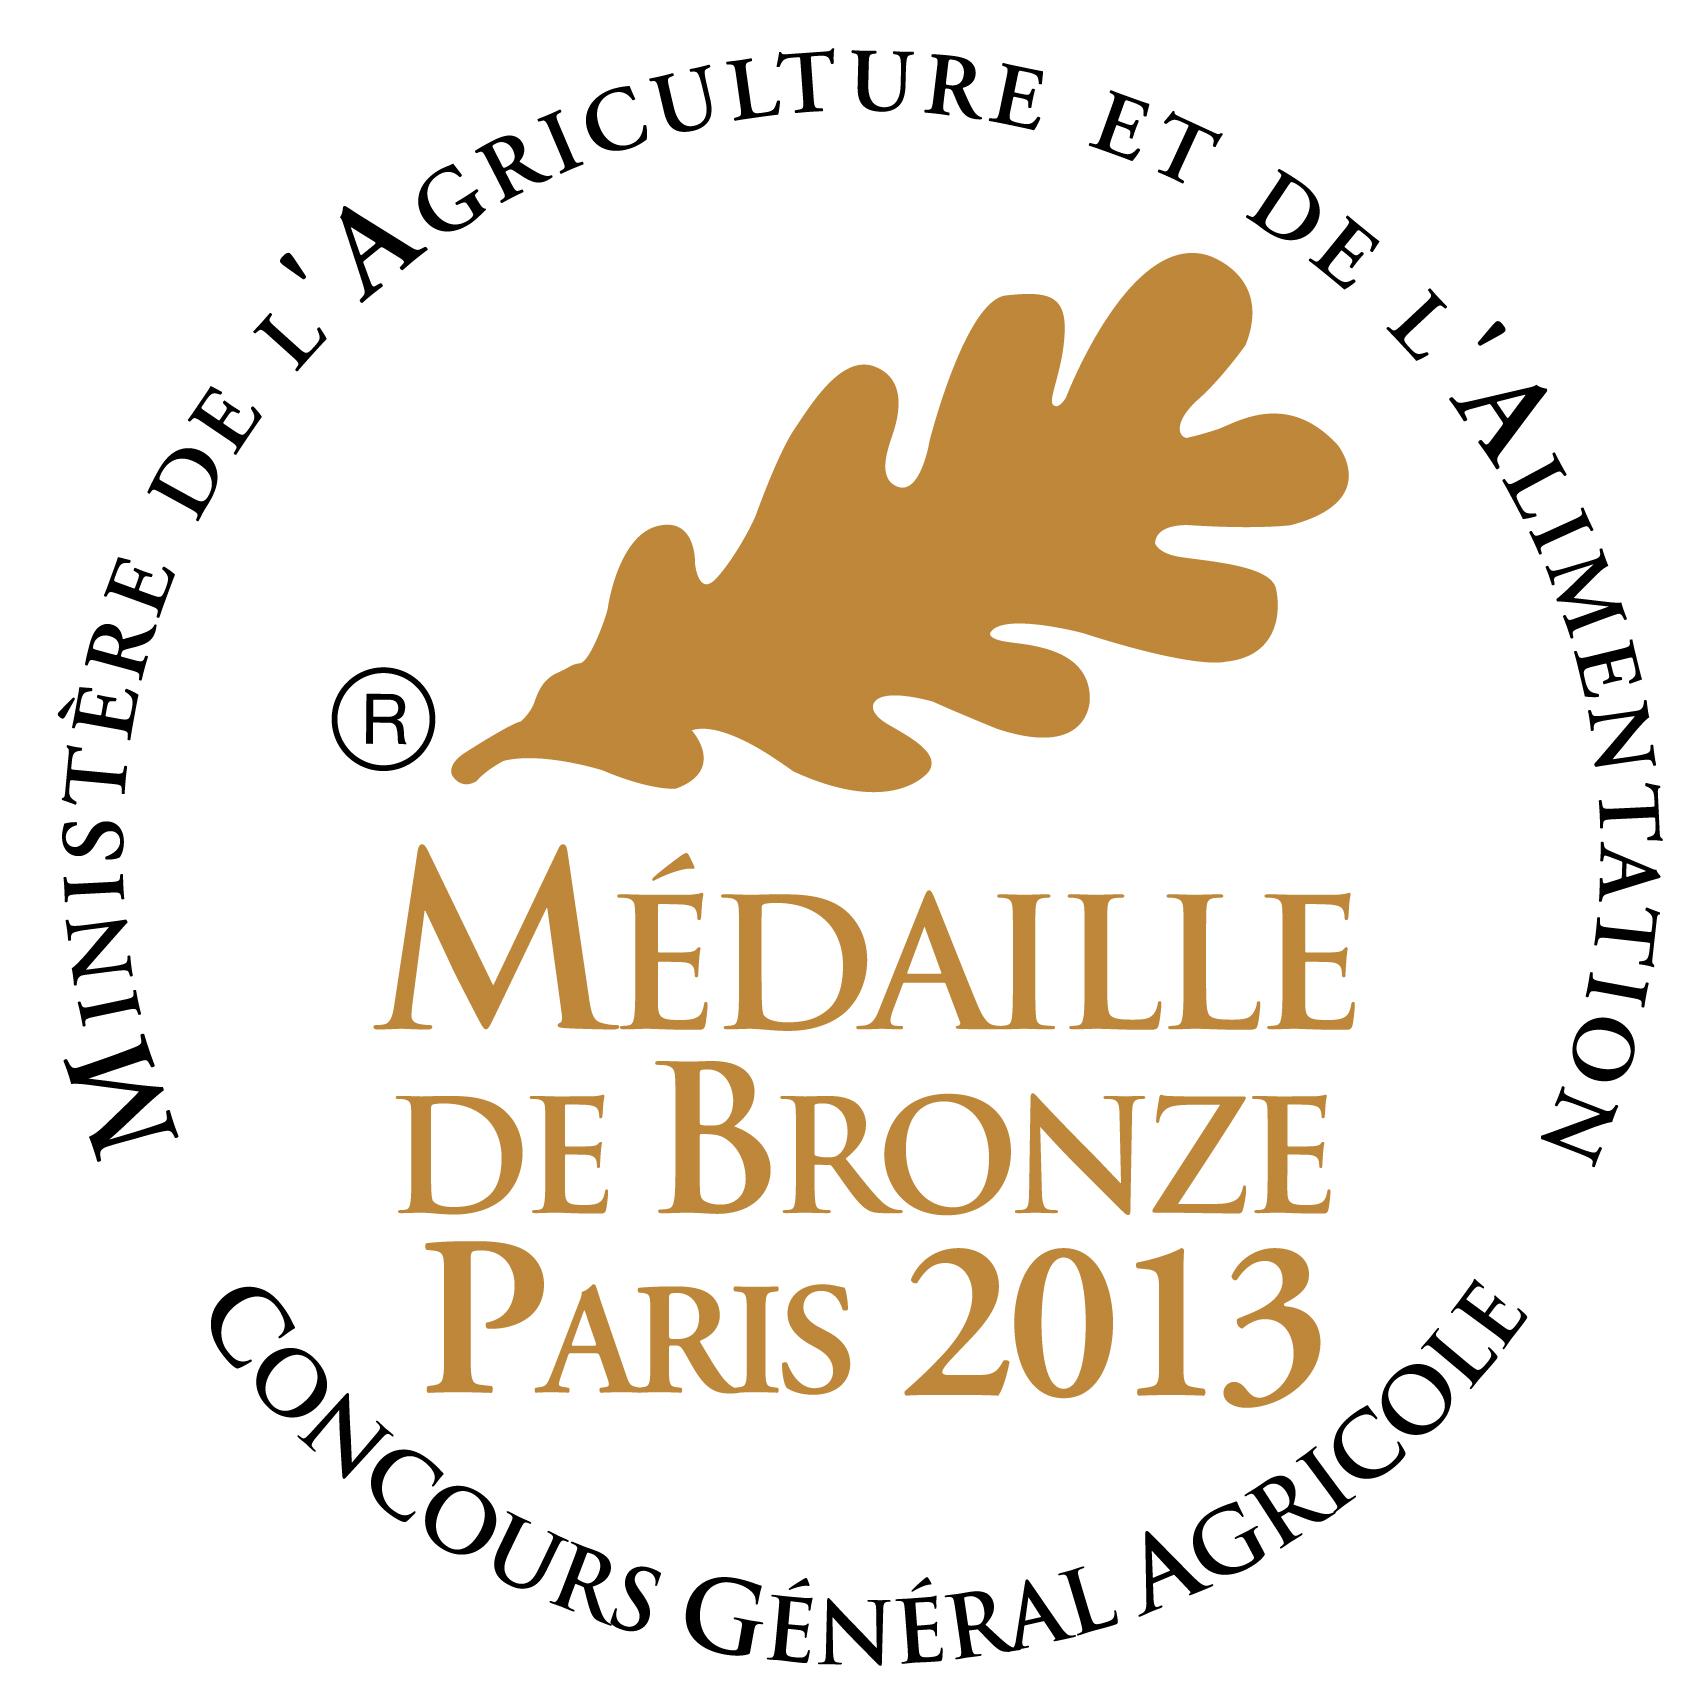 Medaille de bronze 2013.jpg